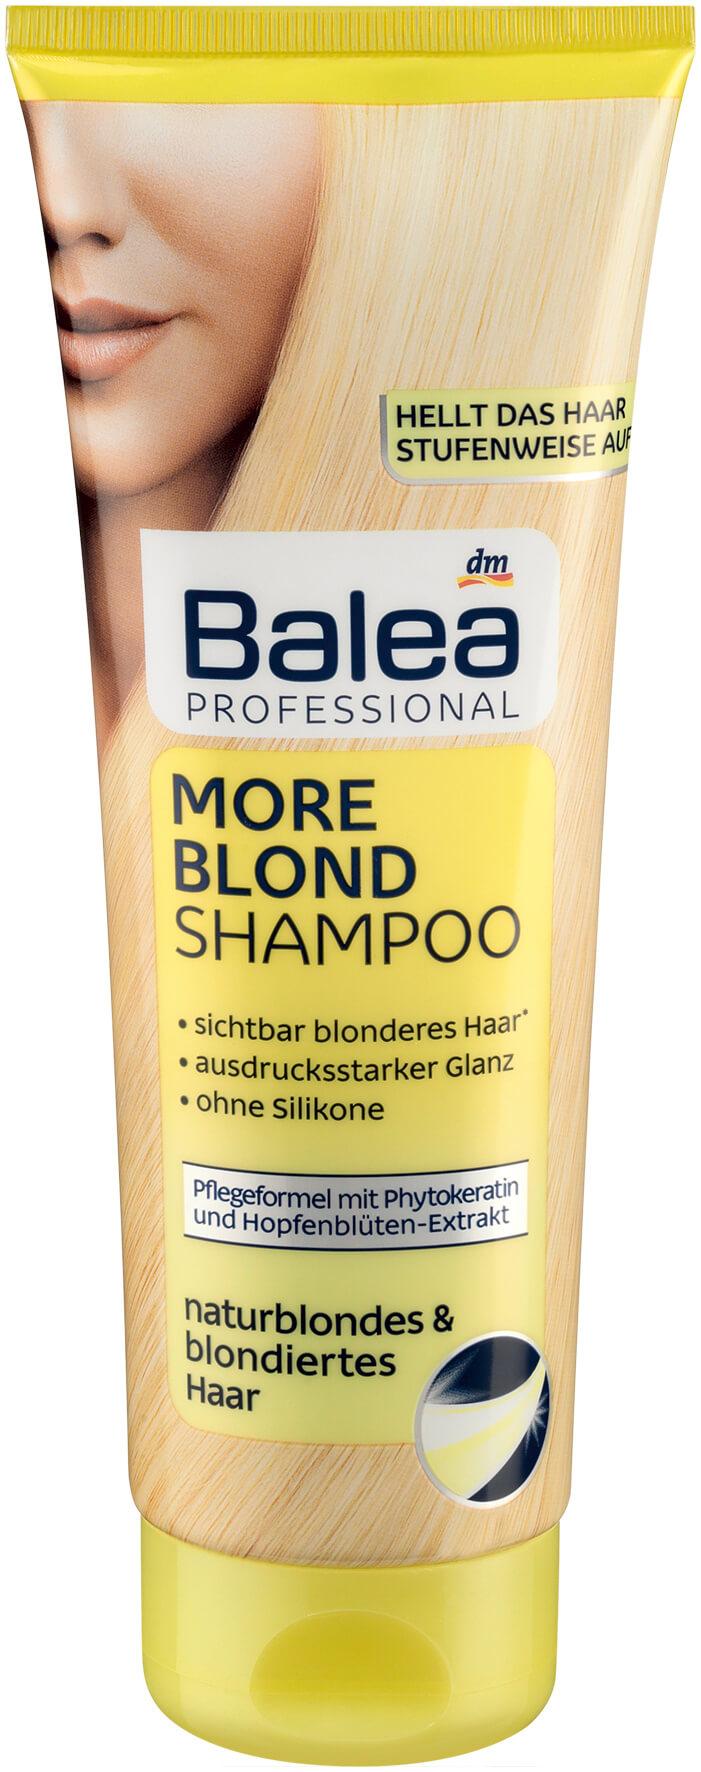 4010355106100_Balea_More_Blond_Shampoo